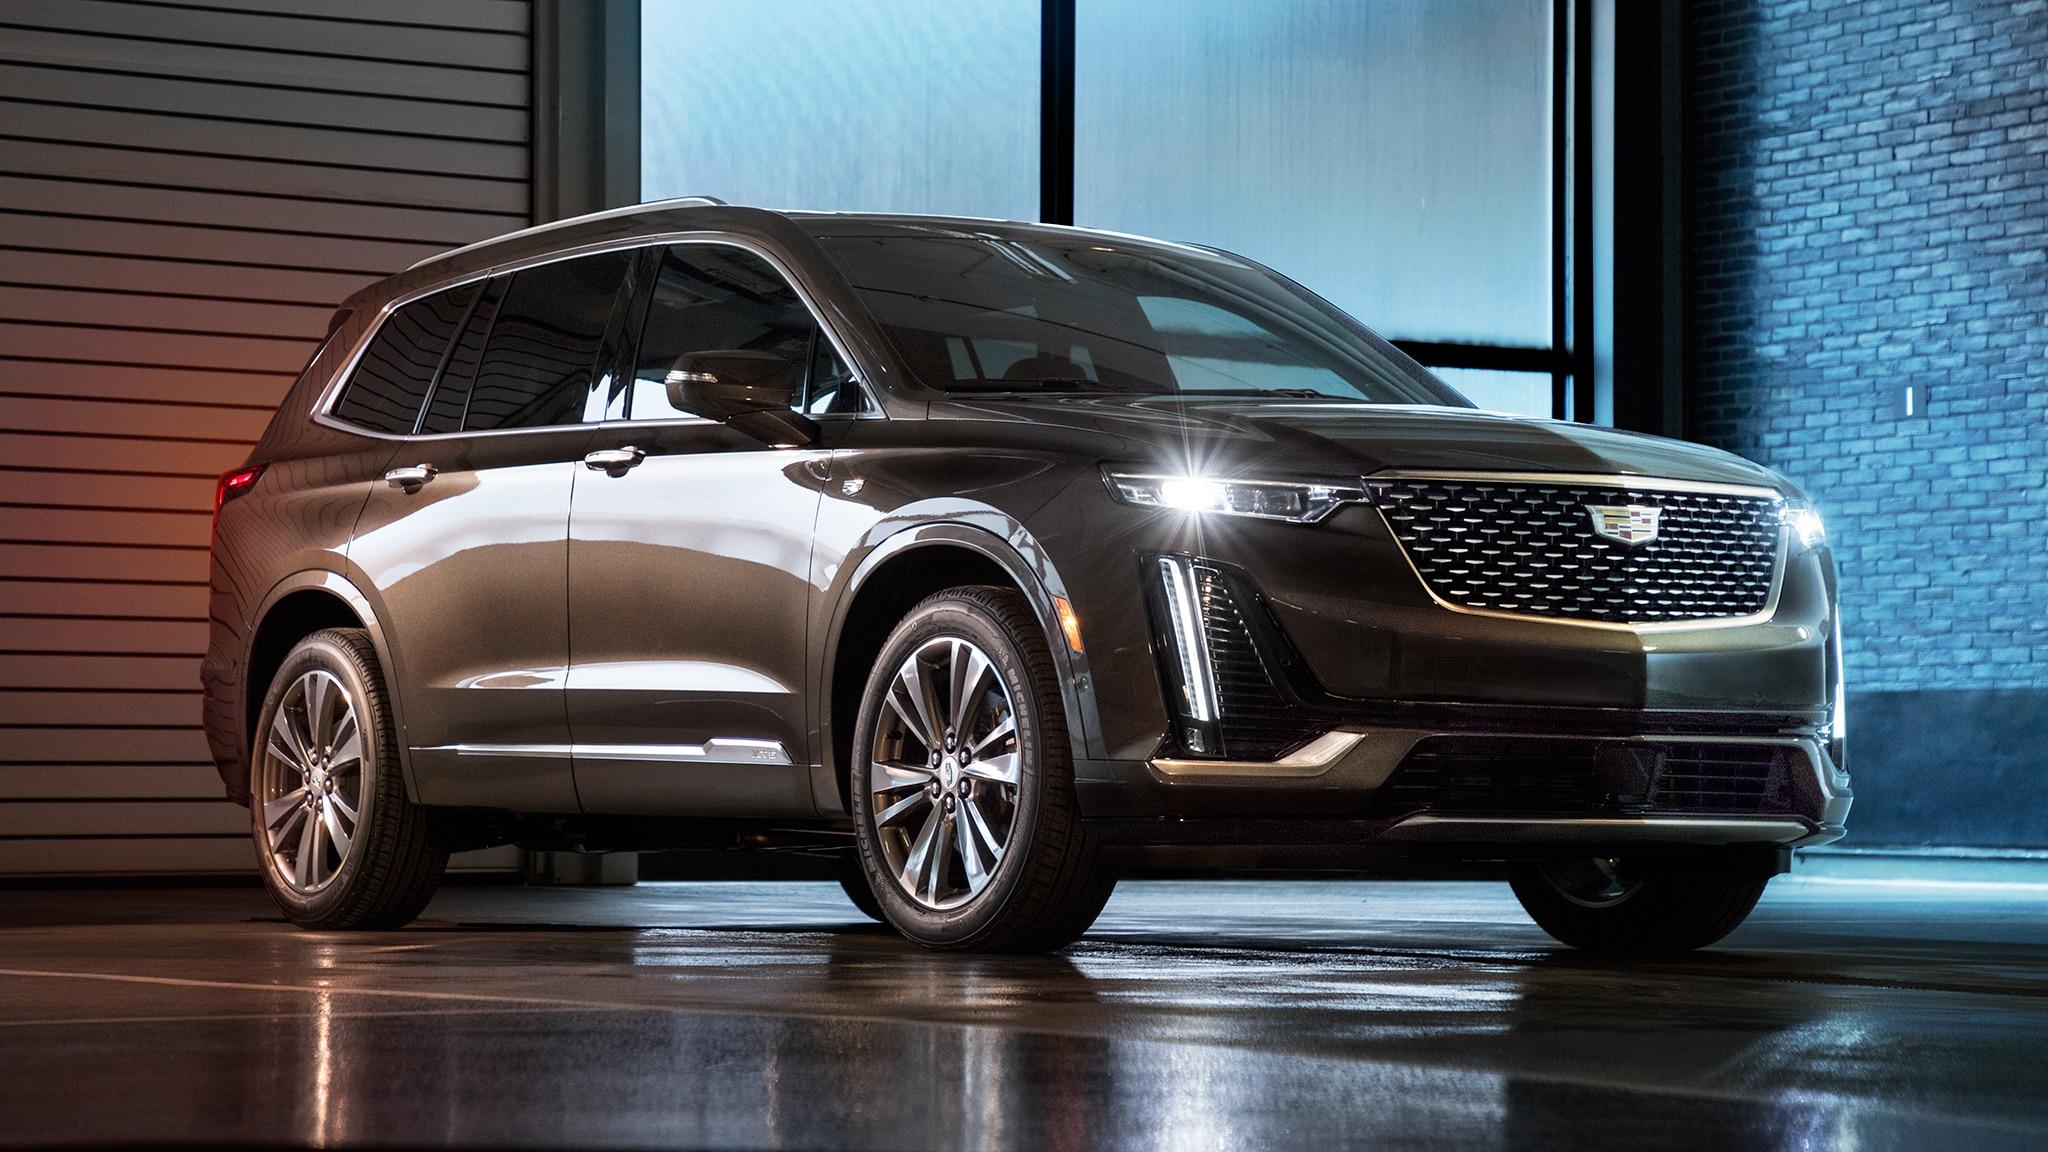 2020 Cadillac XT6: A More Genteel Three-Row Crossover SUV ...